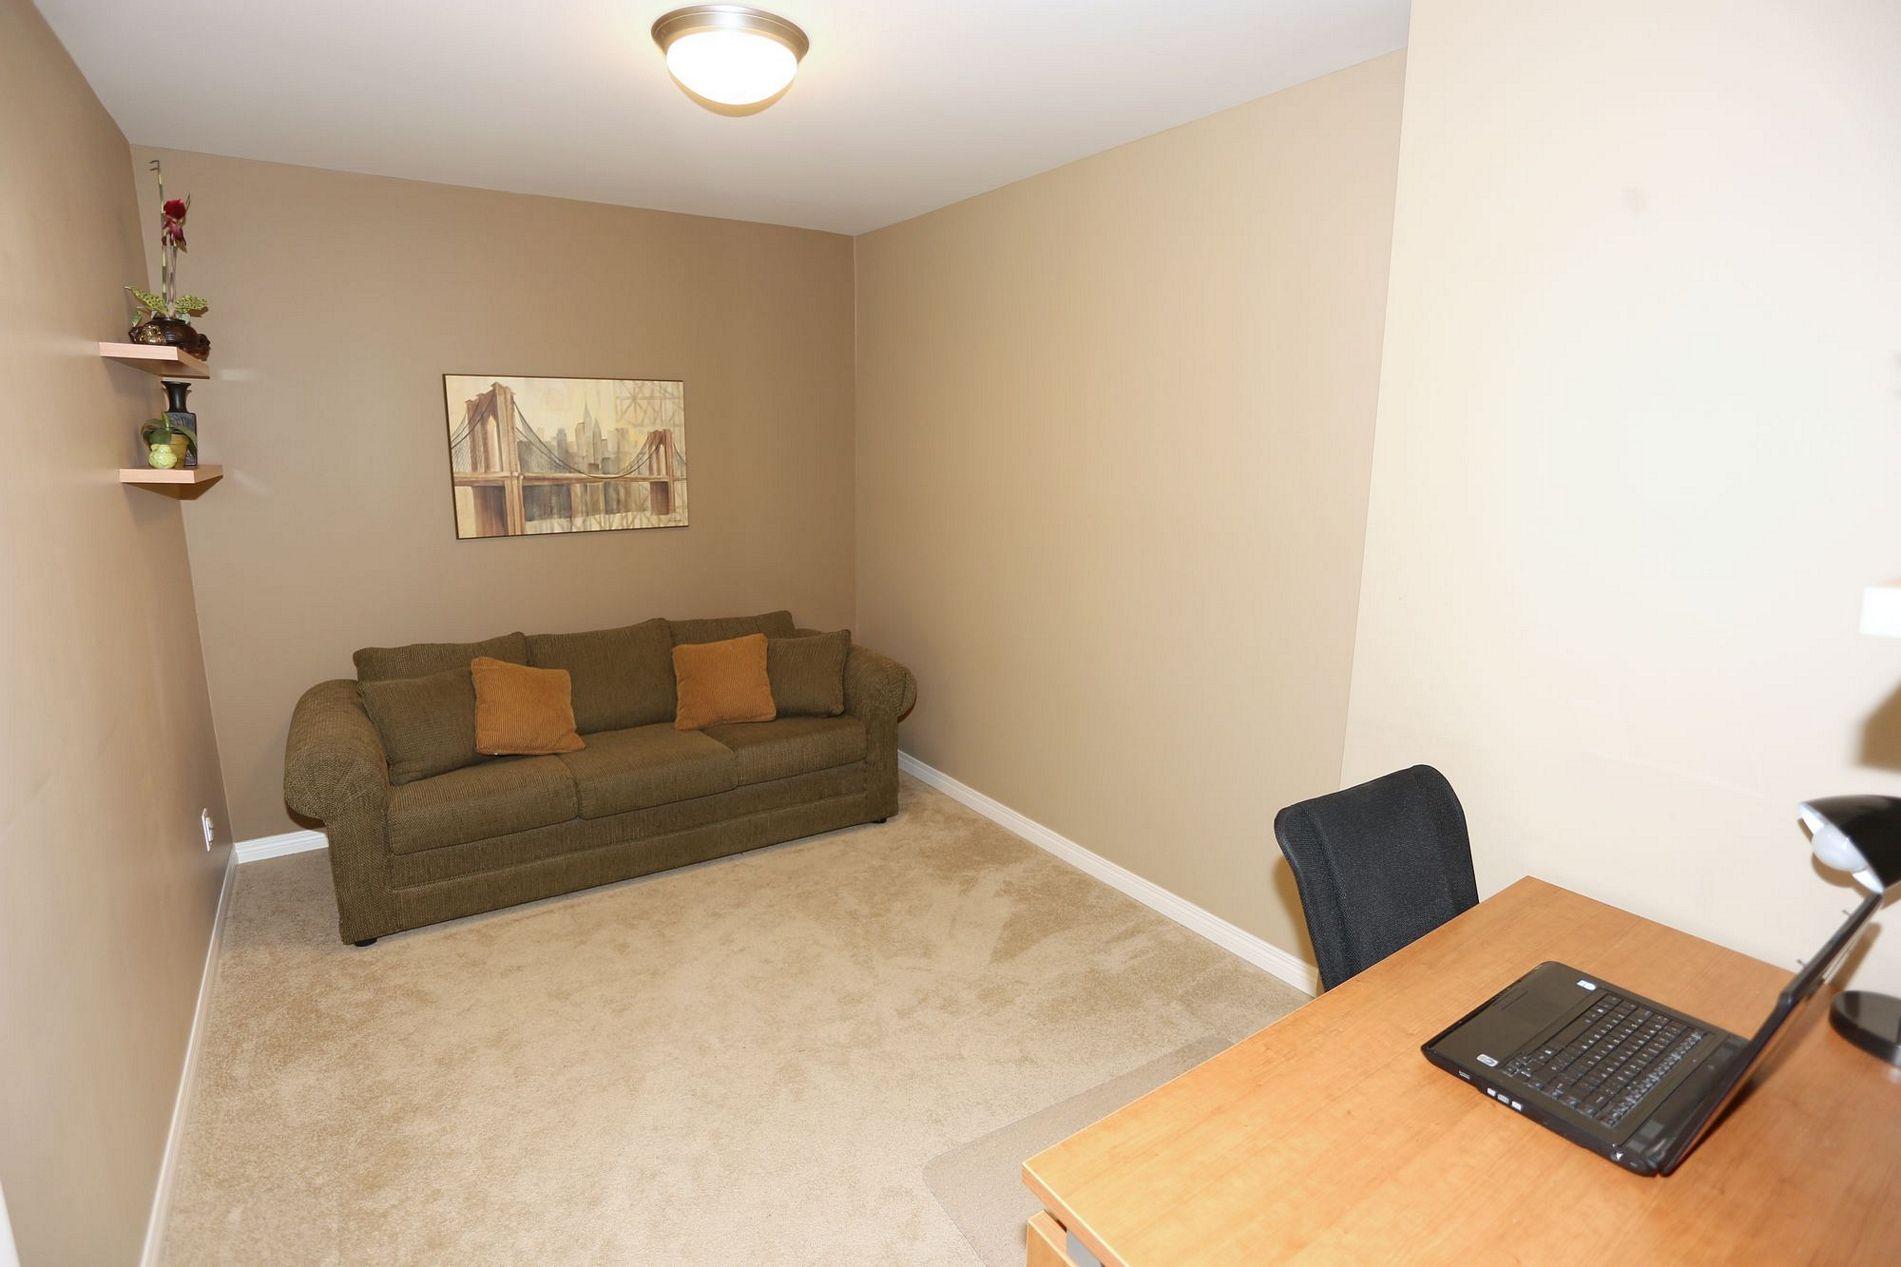 33-472 Templeton Ave, Winnipeg, Manitoba  R2V 4Y8 - Photo 12 - 1623525